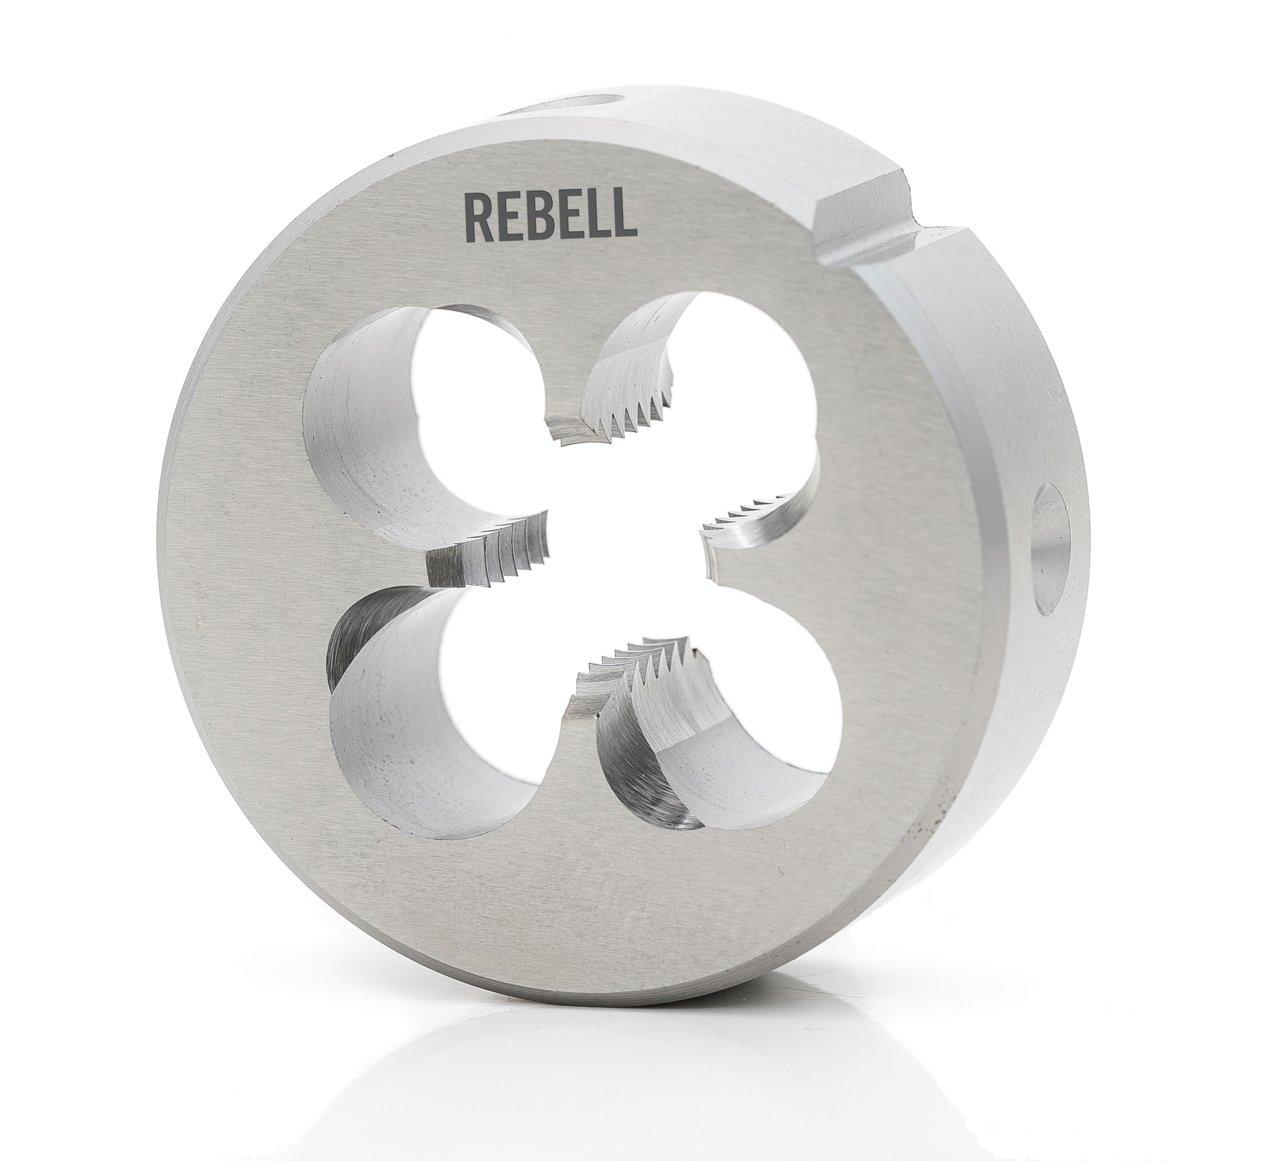 REBELL Schneideisen BSF RH medium HSS mit Schälanschnitt - EN 22568 - Typ N